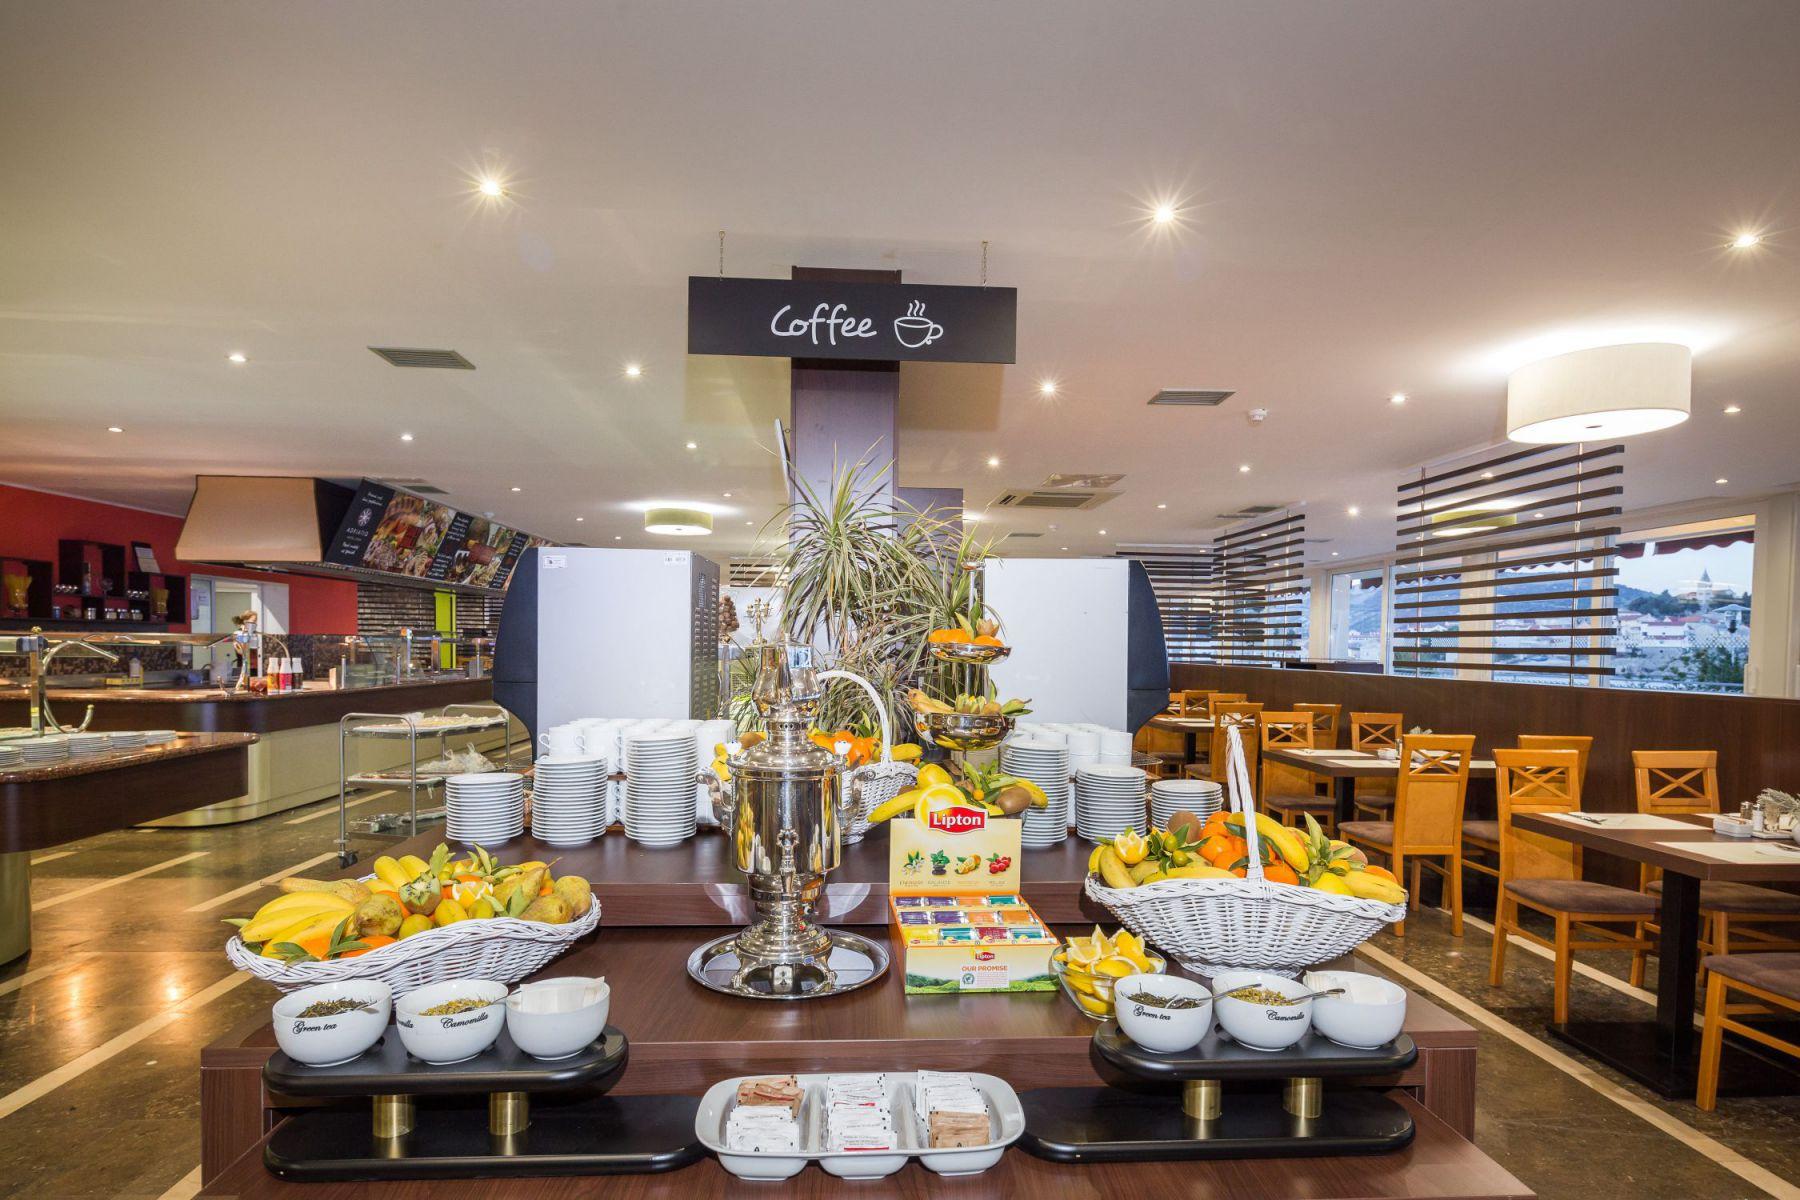 restaurant 30 16904112551 o - Zora Hotel